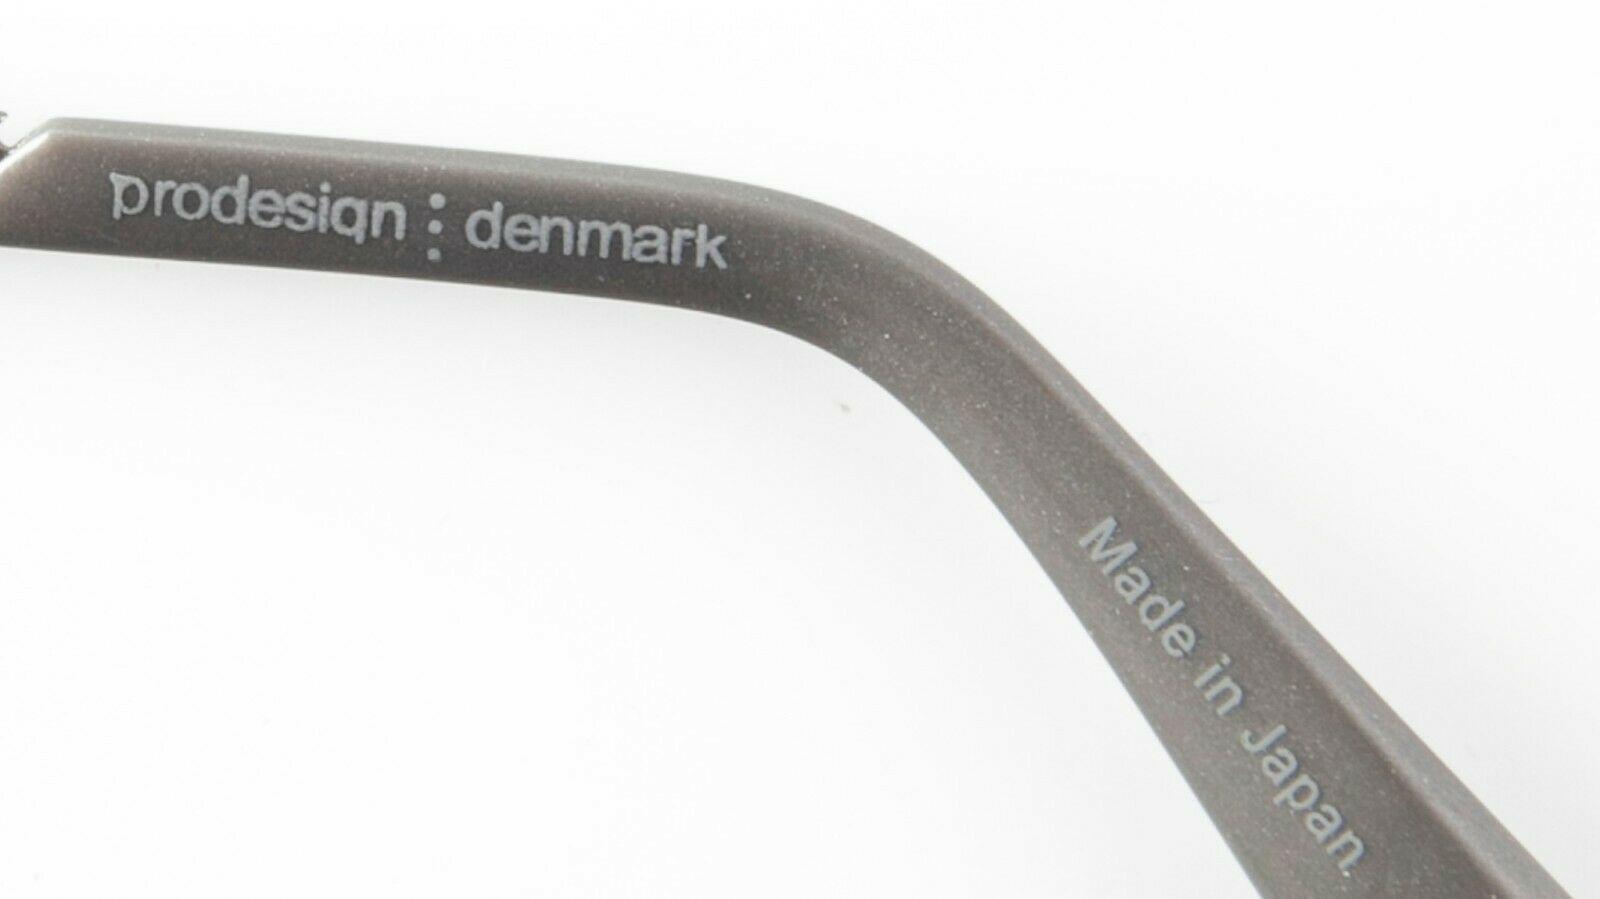 NEW PRODESIGN DENMARK 1228 c4121 RED EYEGLASSES FRAME 49-15-137 B24mm Japan